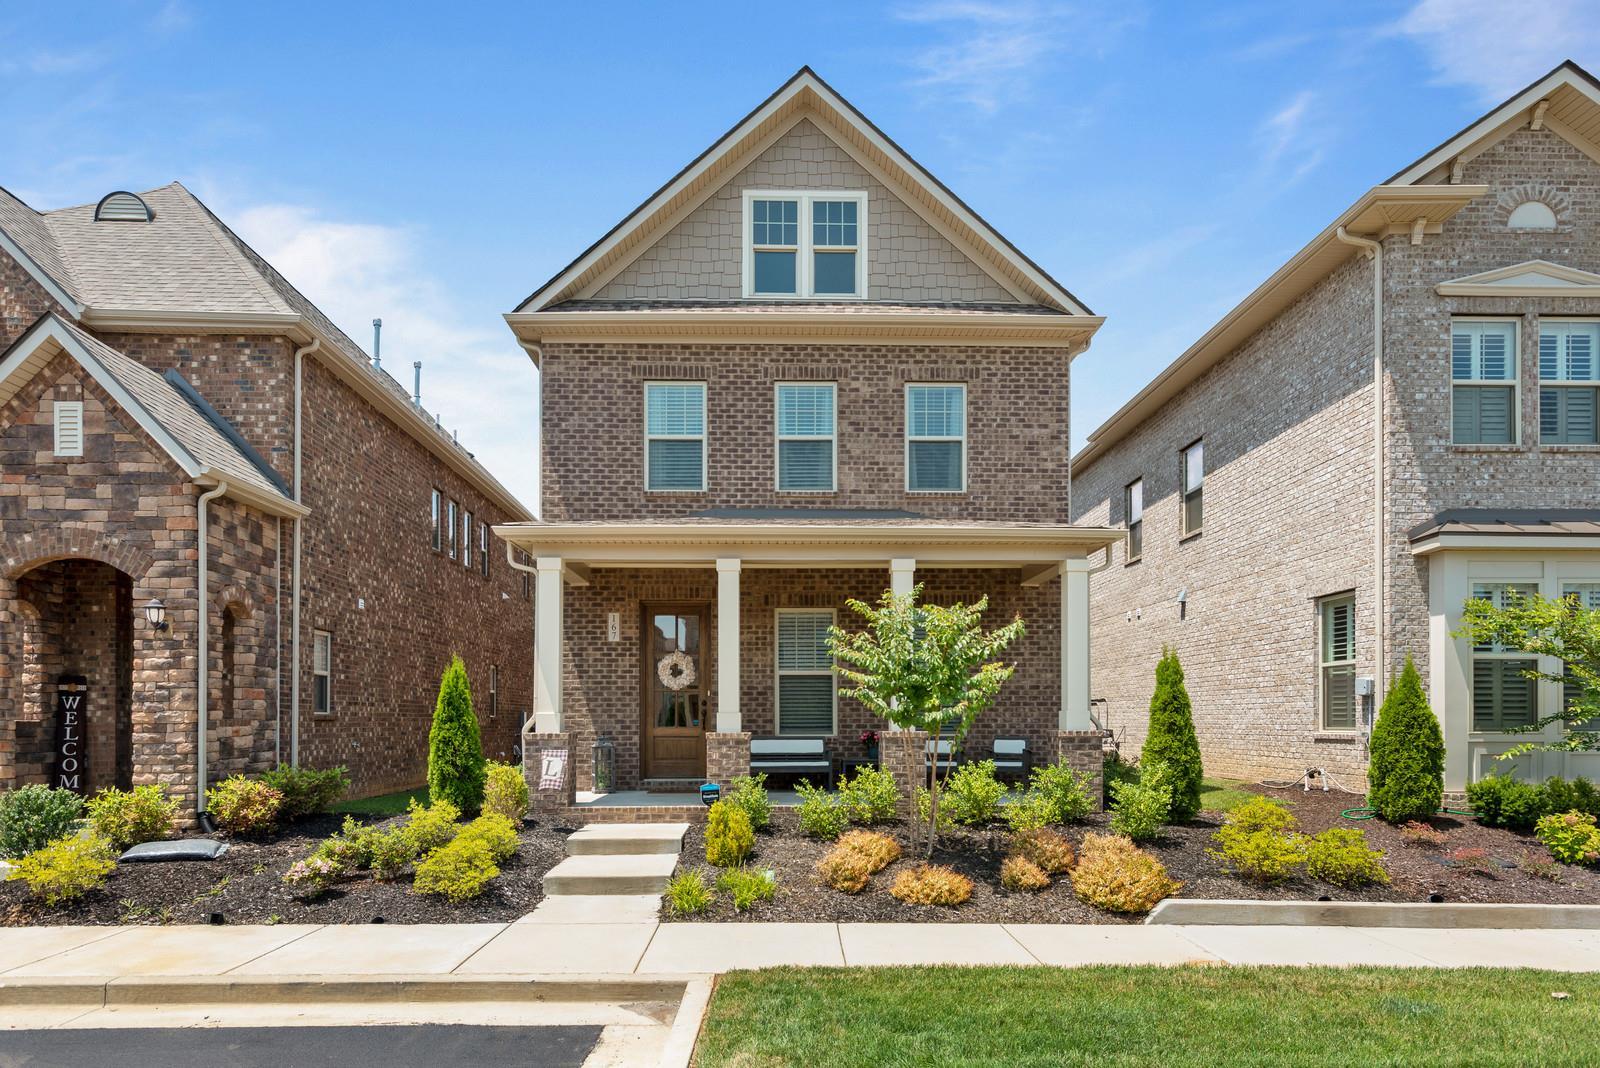 167 Benjamin Lane, Hendersonville, TN 37075 - Hendersonville, TN real estate listing